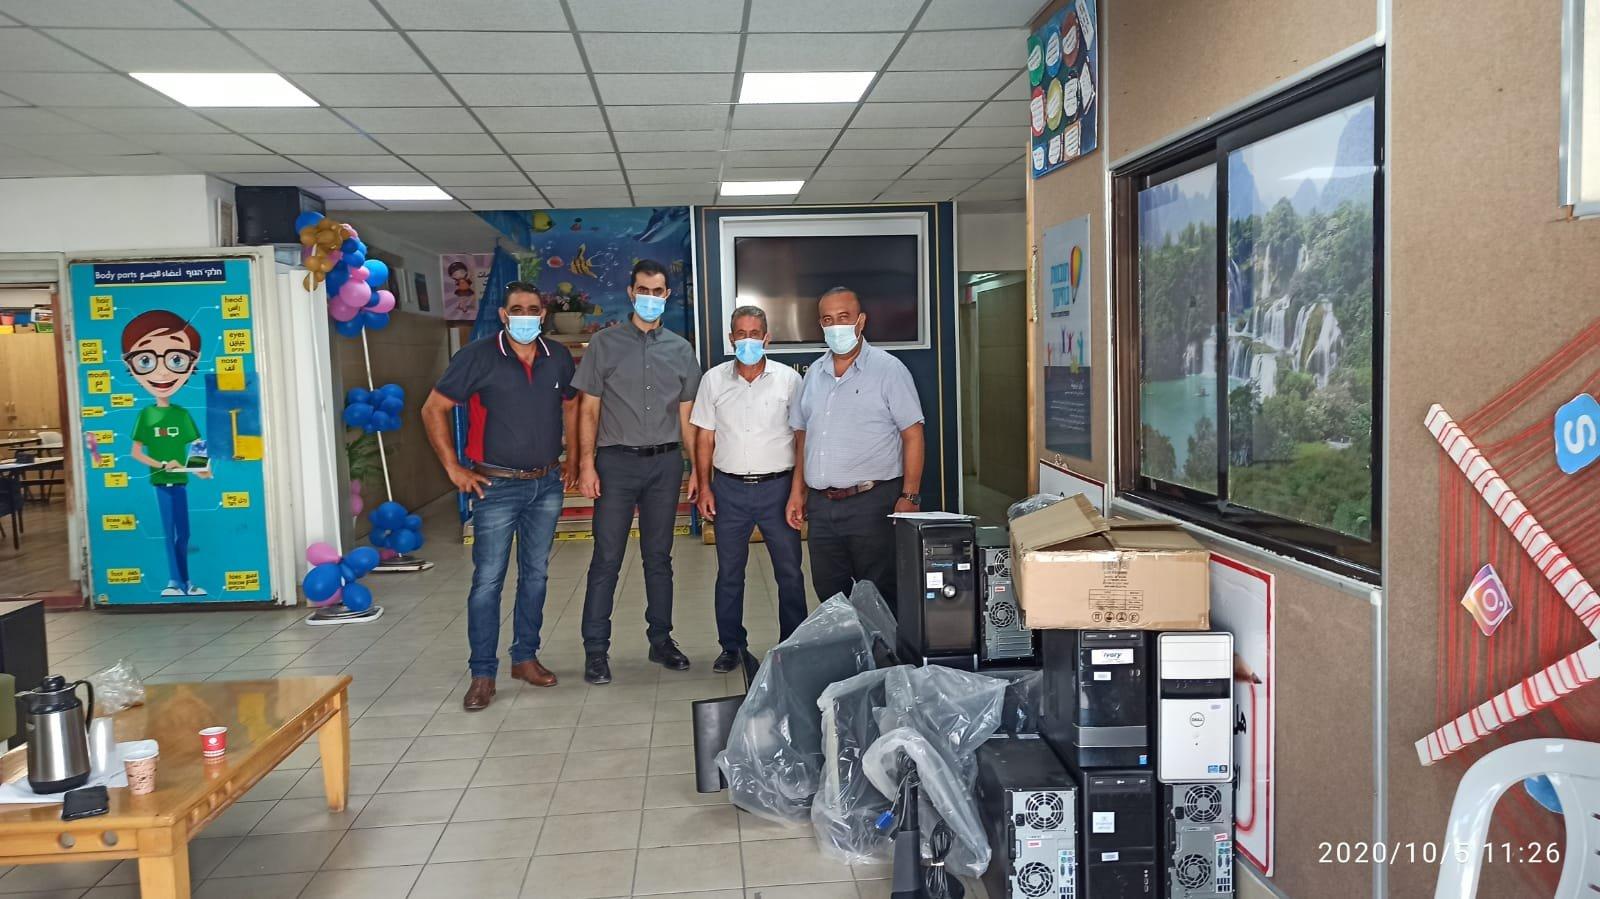 مجلس طلعة عارة يتبرع ب 12 حاسوب لابتدائية مشيرفة-0